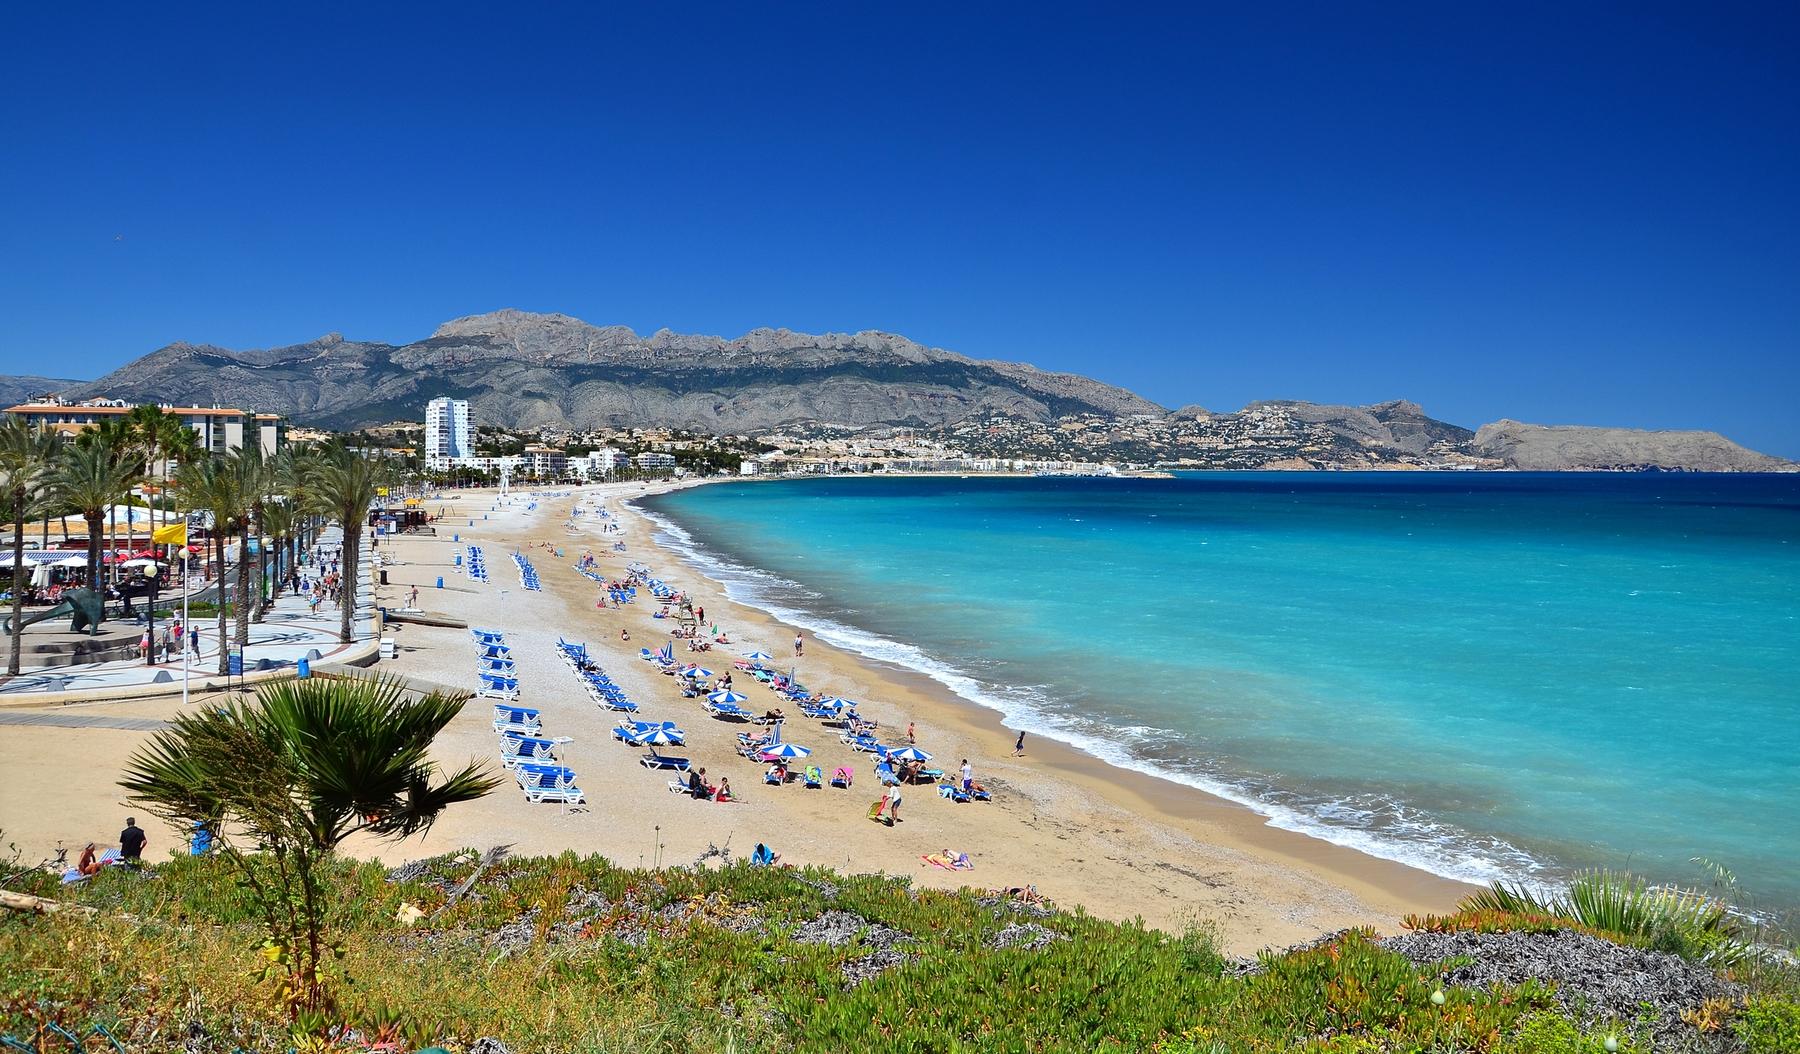 Una de las playas valencianas más concurridas: la del Albir, en Alfaz del Pí.